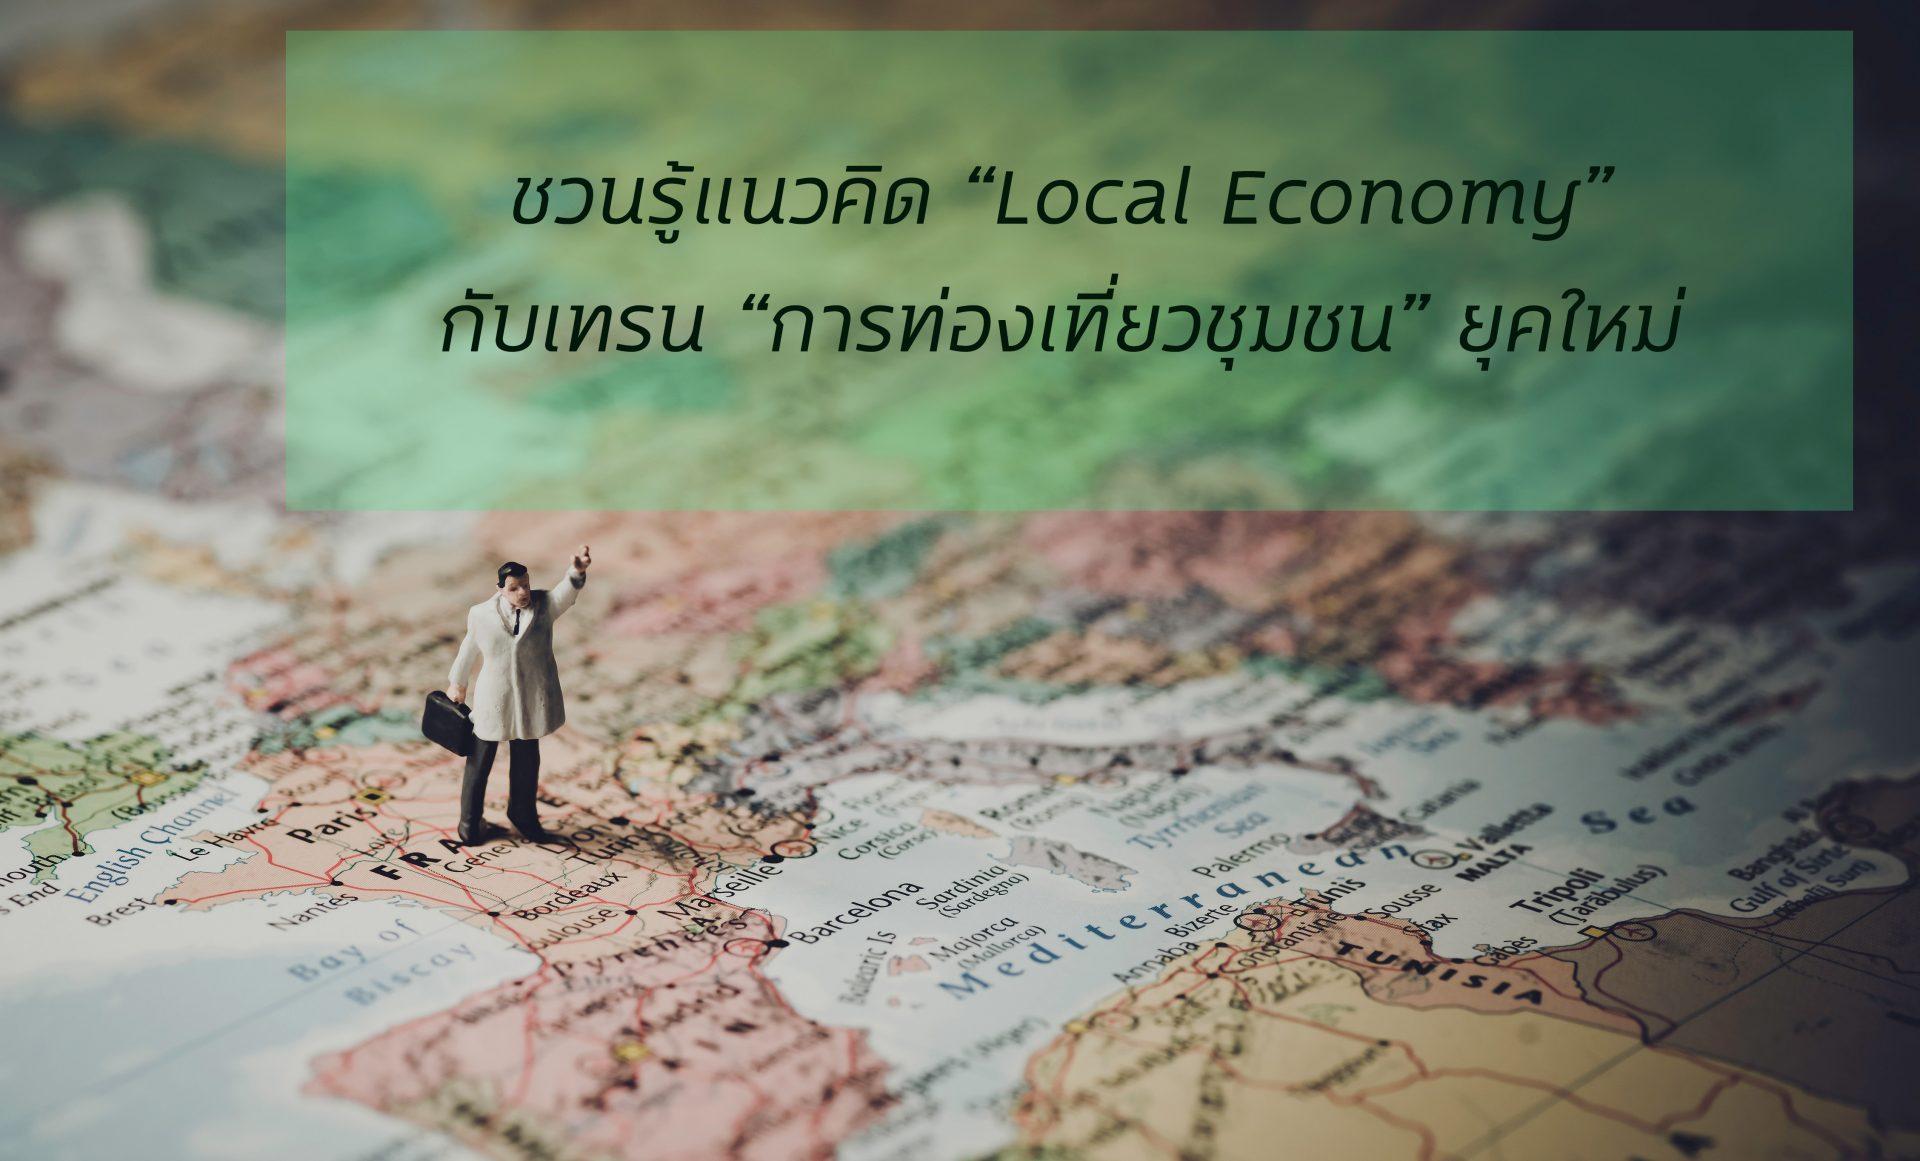 """ชวนรู้แนวคิด Local Economy กับเทรน """"การท่องเที่ยวชุมชน"""" ยุคใหม่"""